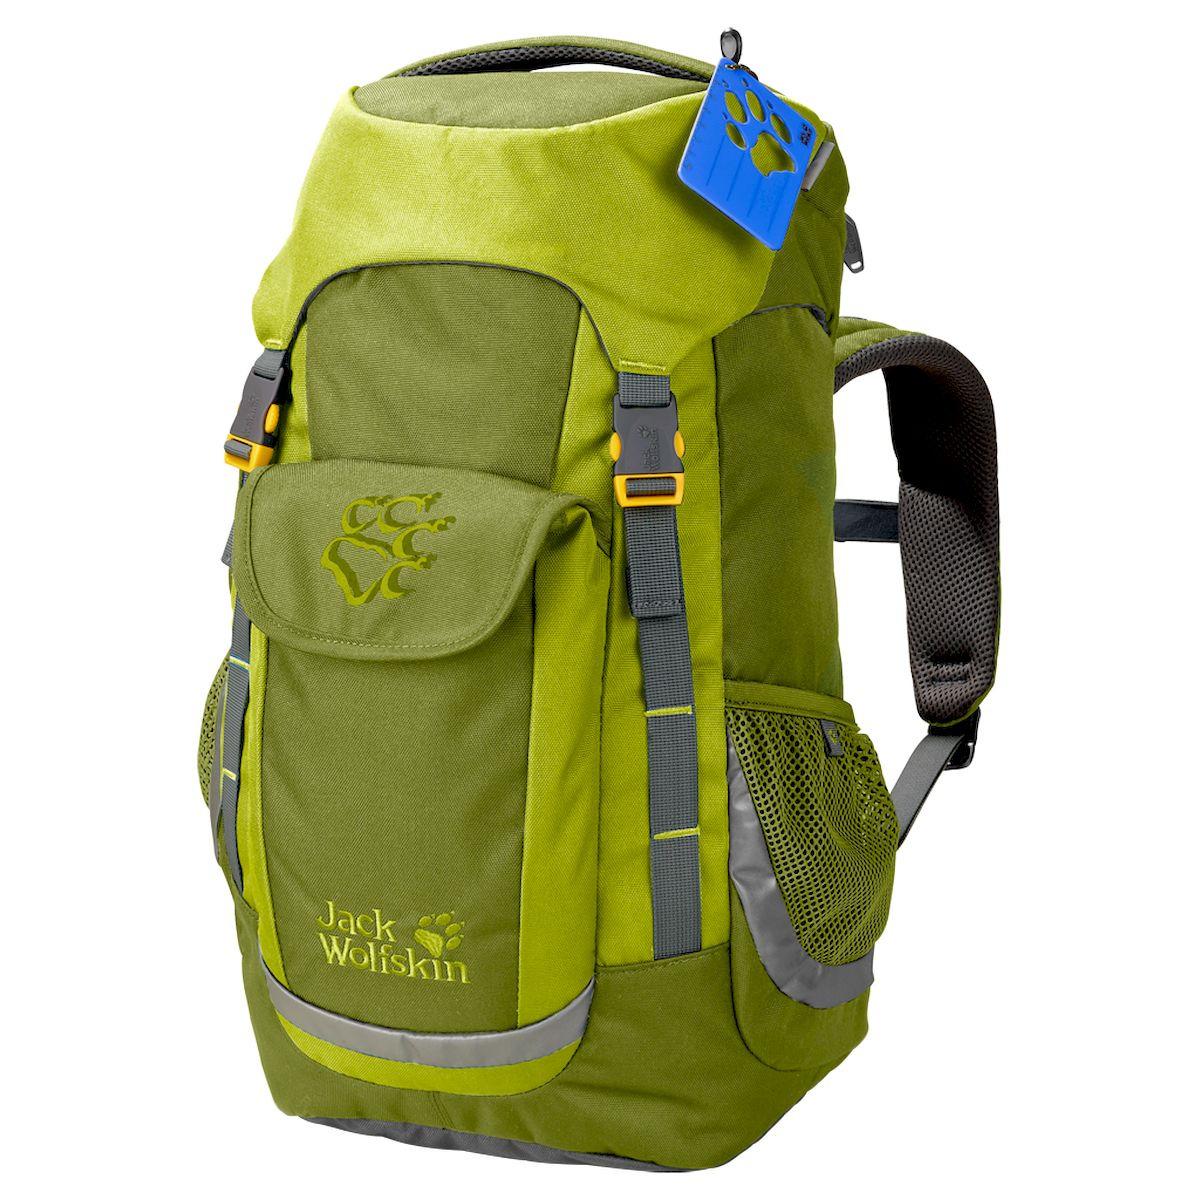 4b4bde9434c5 Школьные рюкзаки и ранцы JACK - каталог цен, где купить в  интернет-магазинах: продажа, характеристики, описания, сравнение | E-Katalog